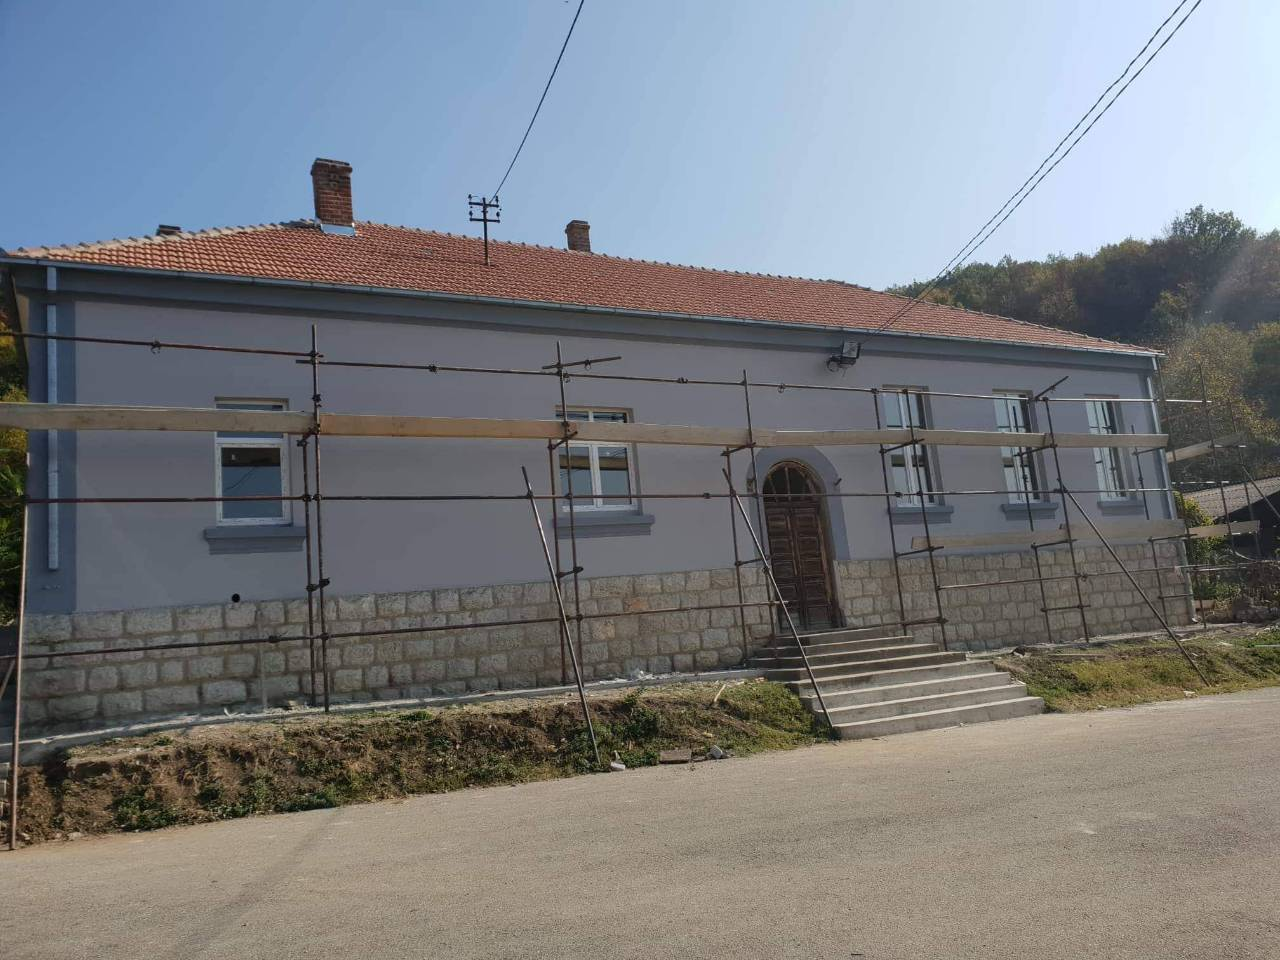 OPŠTINA OŽIVLJAVA SELA: Rekonstruišu se seoski domovi na nekoliko lokacija